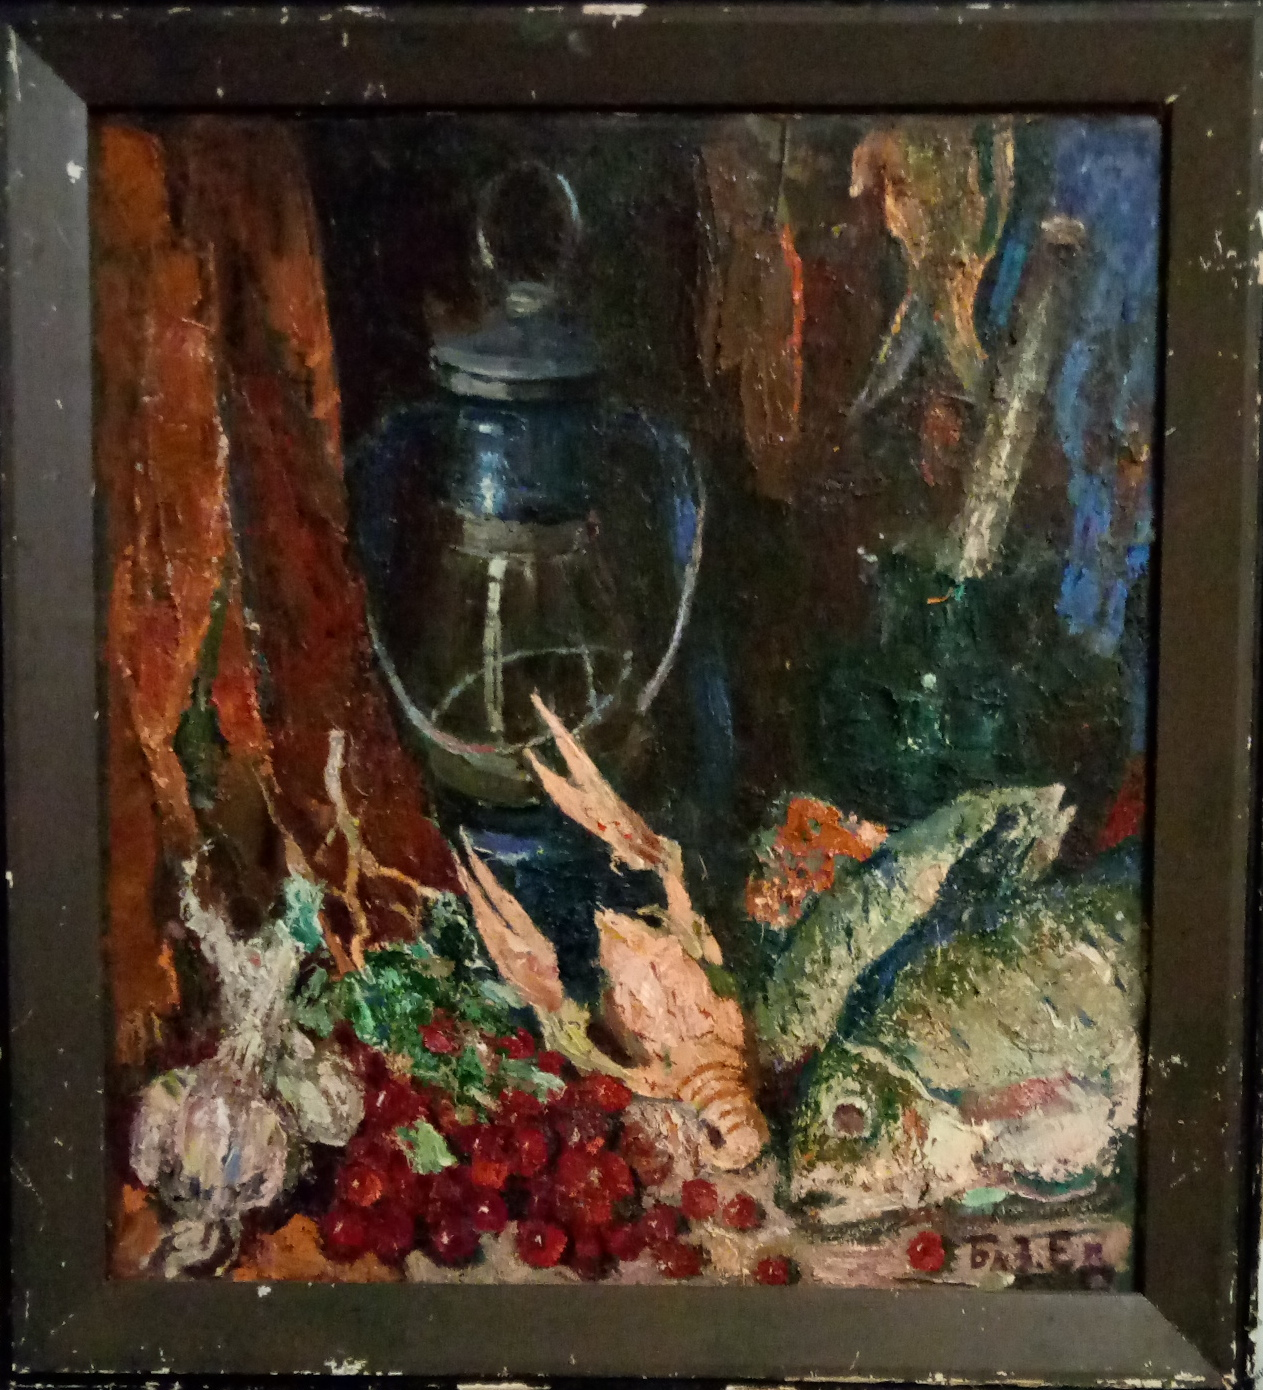 Базилянский Э. И. Натюрморт с Рыбой 54-49 см., картон, оргалит 1984   - 1